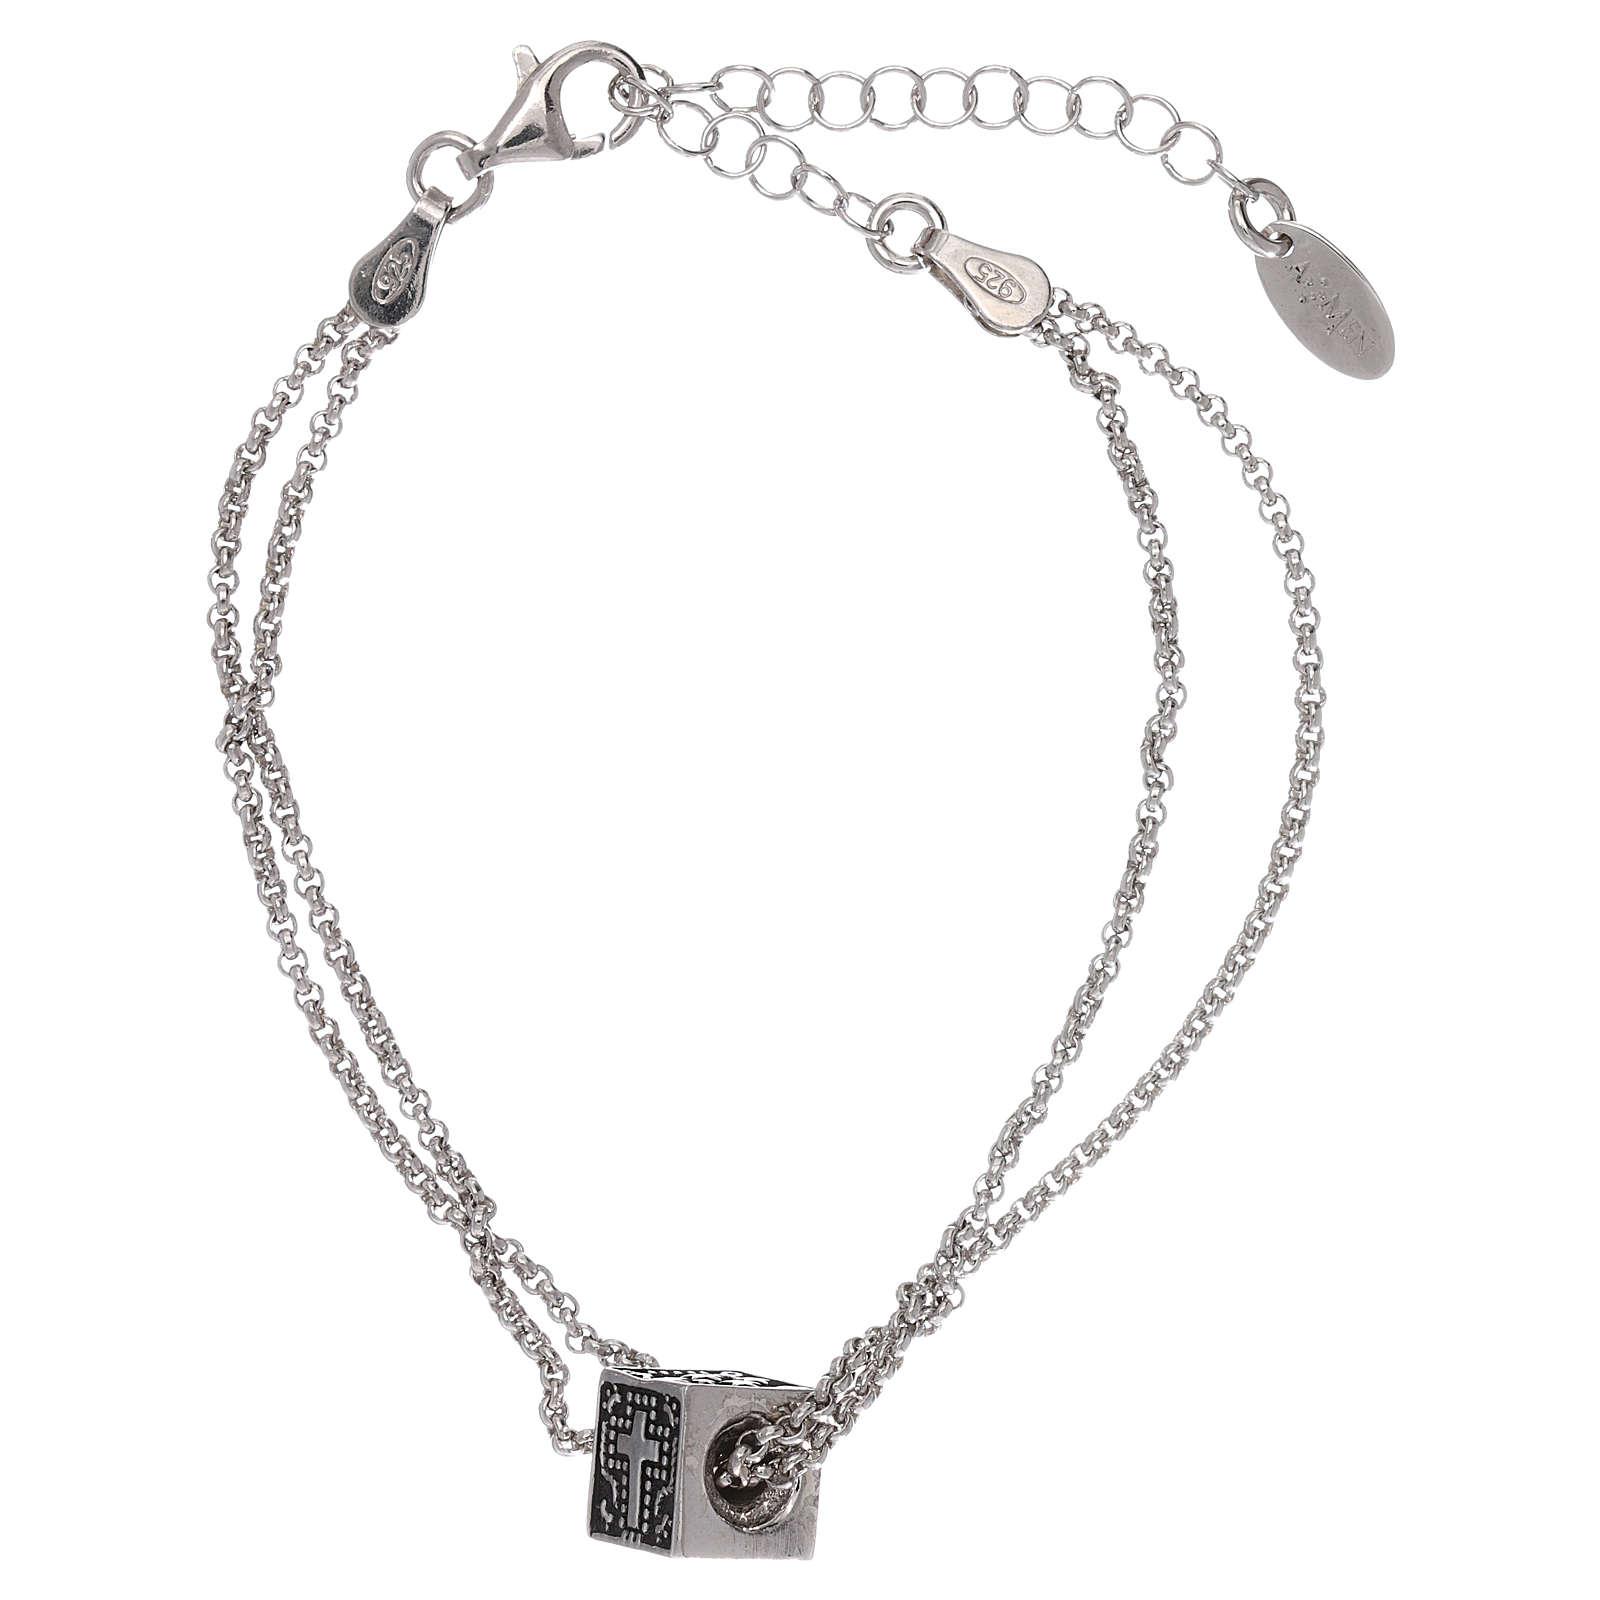 Pulseira cubo cruz coração âncora AMEN prata 925 4